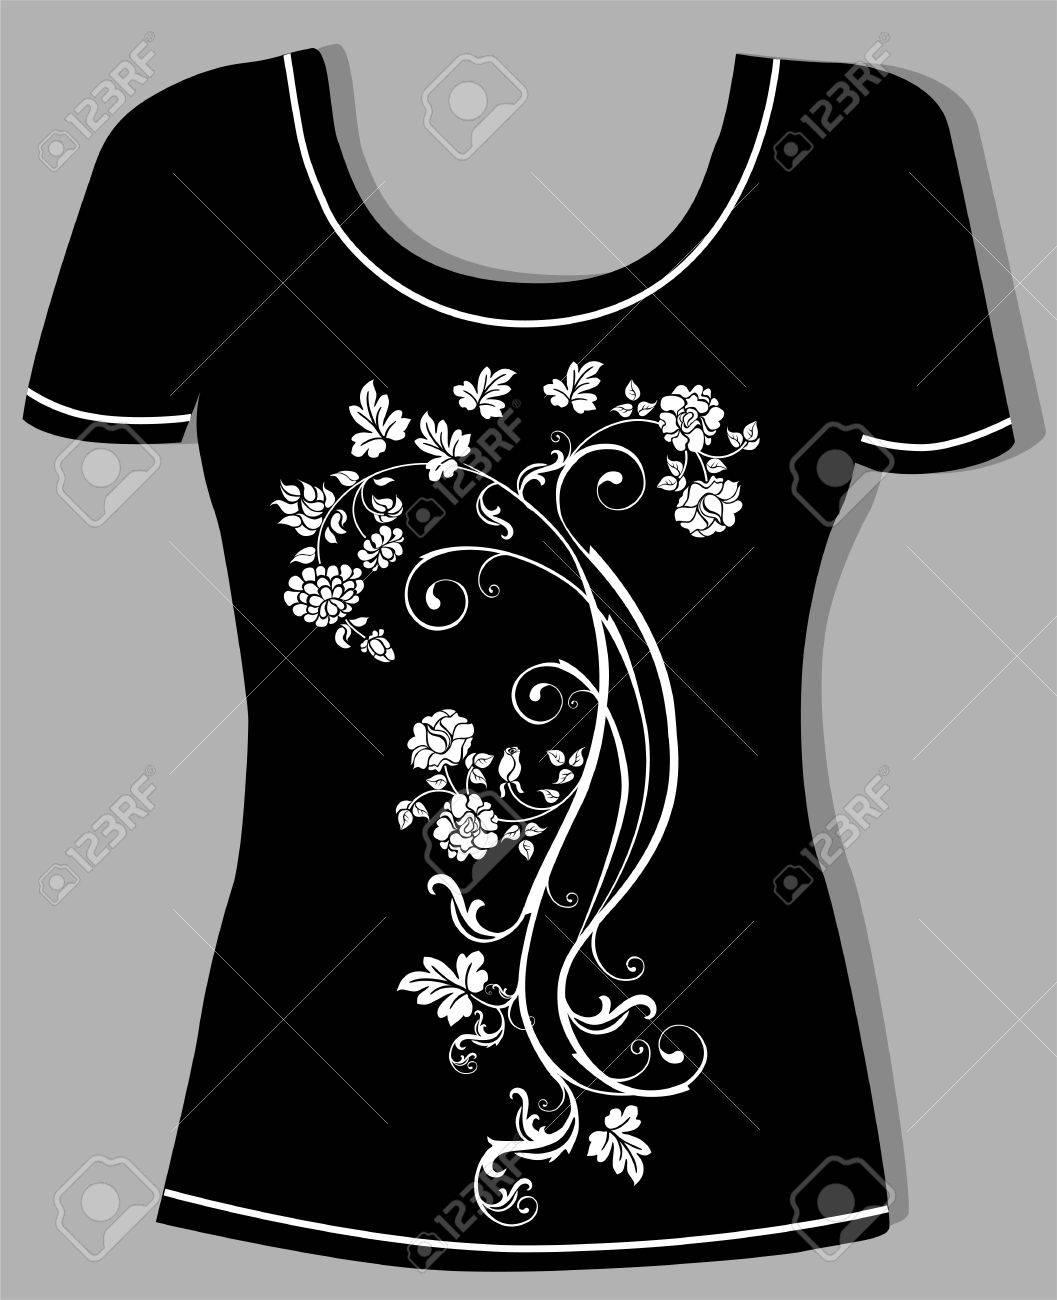 Shirt design vintage - Vector T Shirt Design With Vintage Floral Element